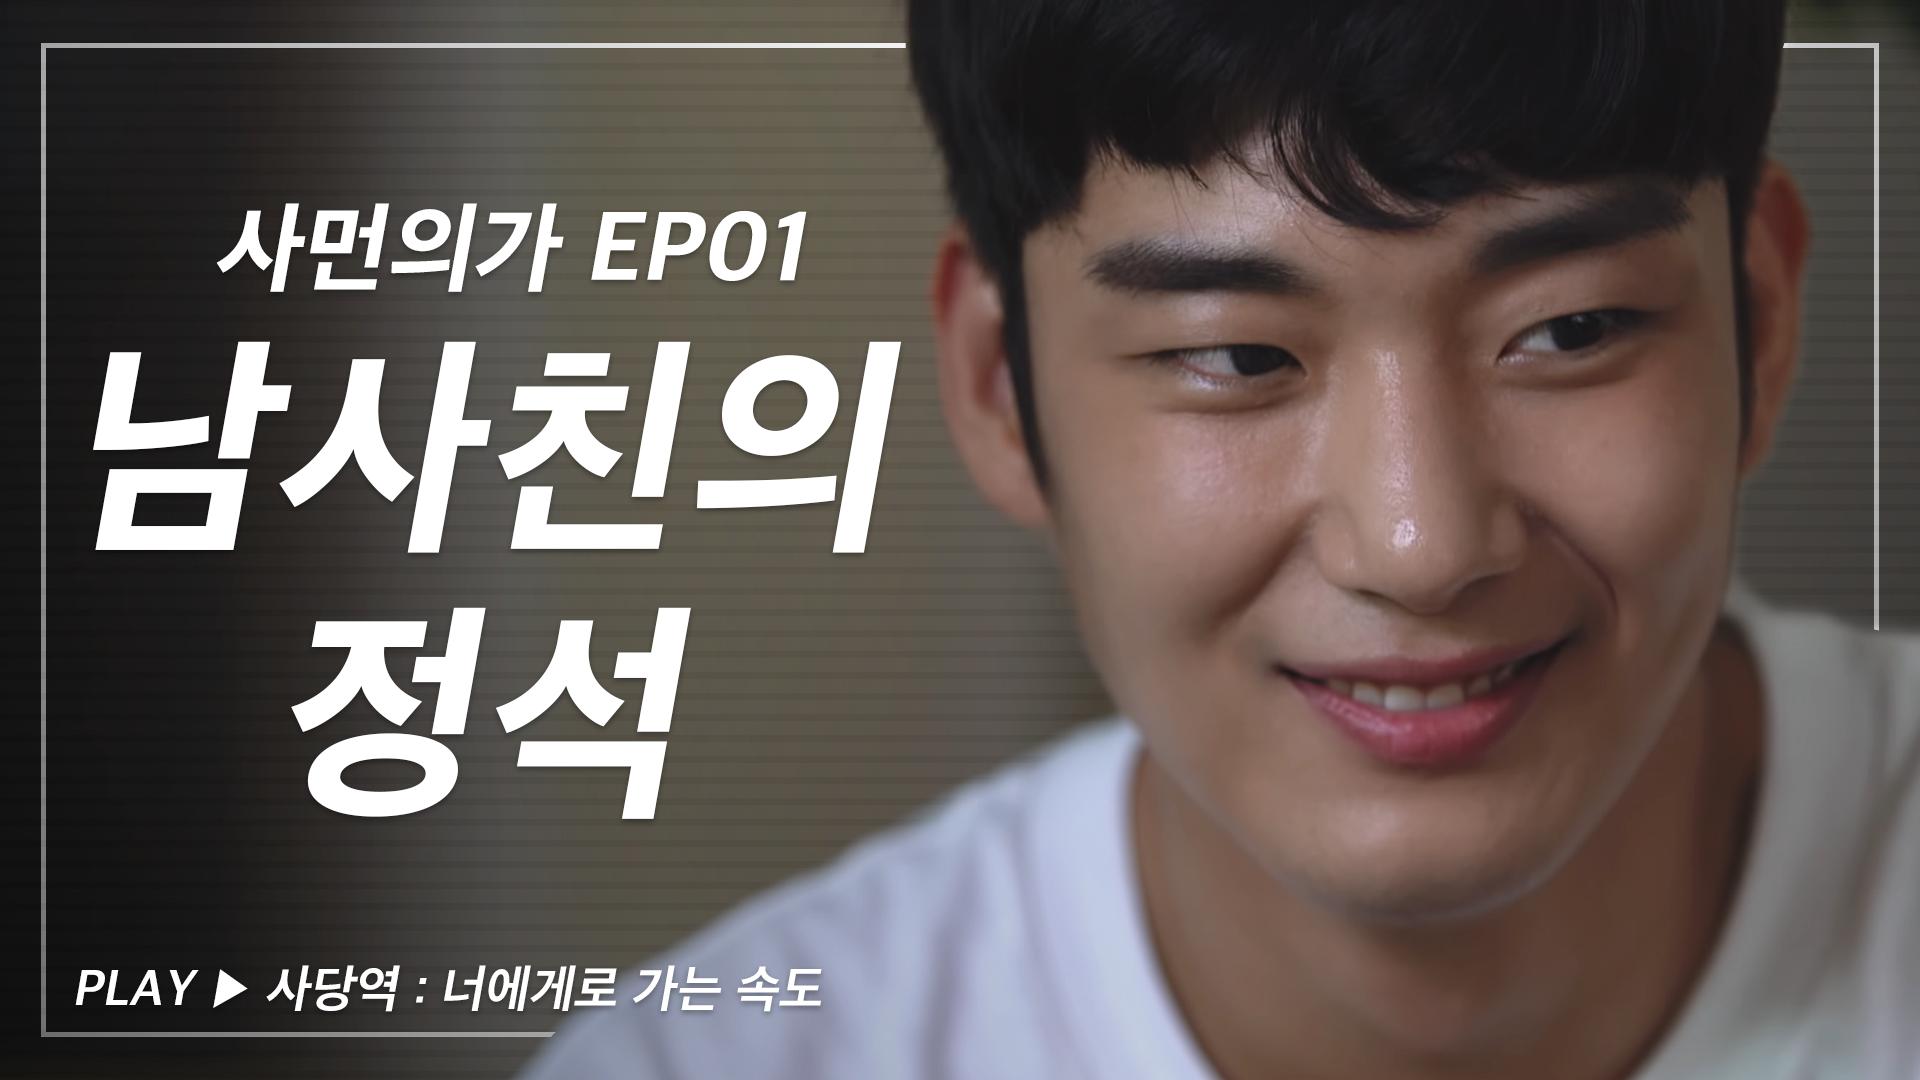 [사당보다 먼 의정부보다 가까운 시즌 2] Between Friendship and Love 2 - EP01. 사당역